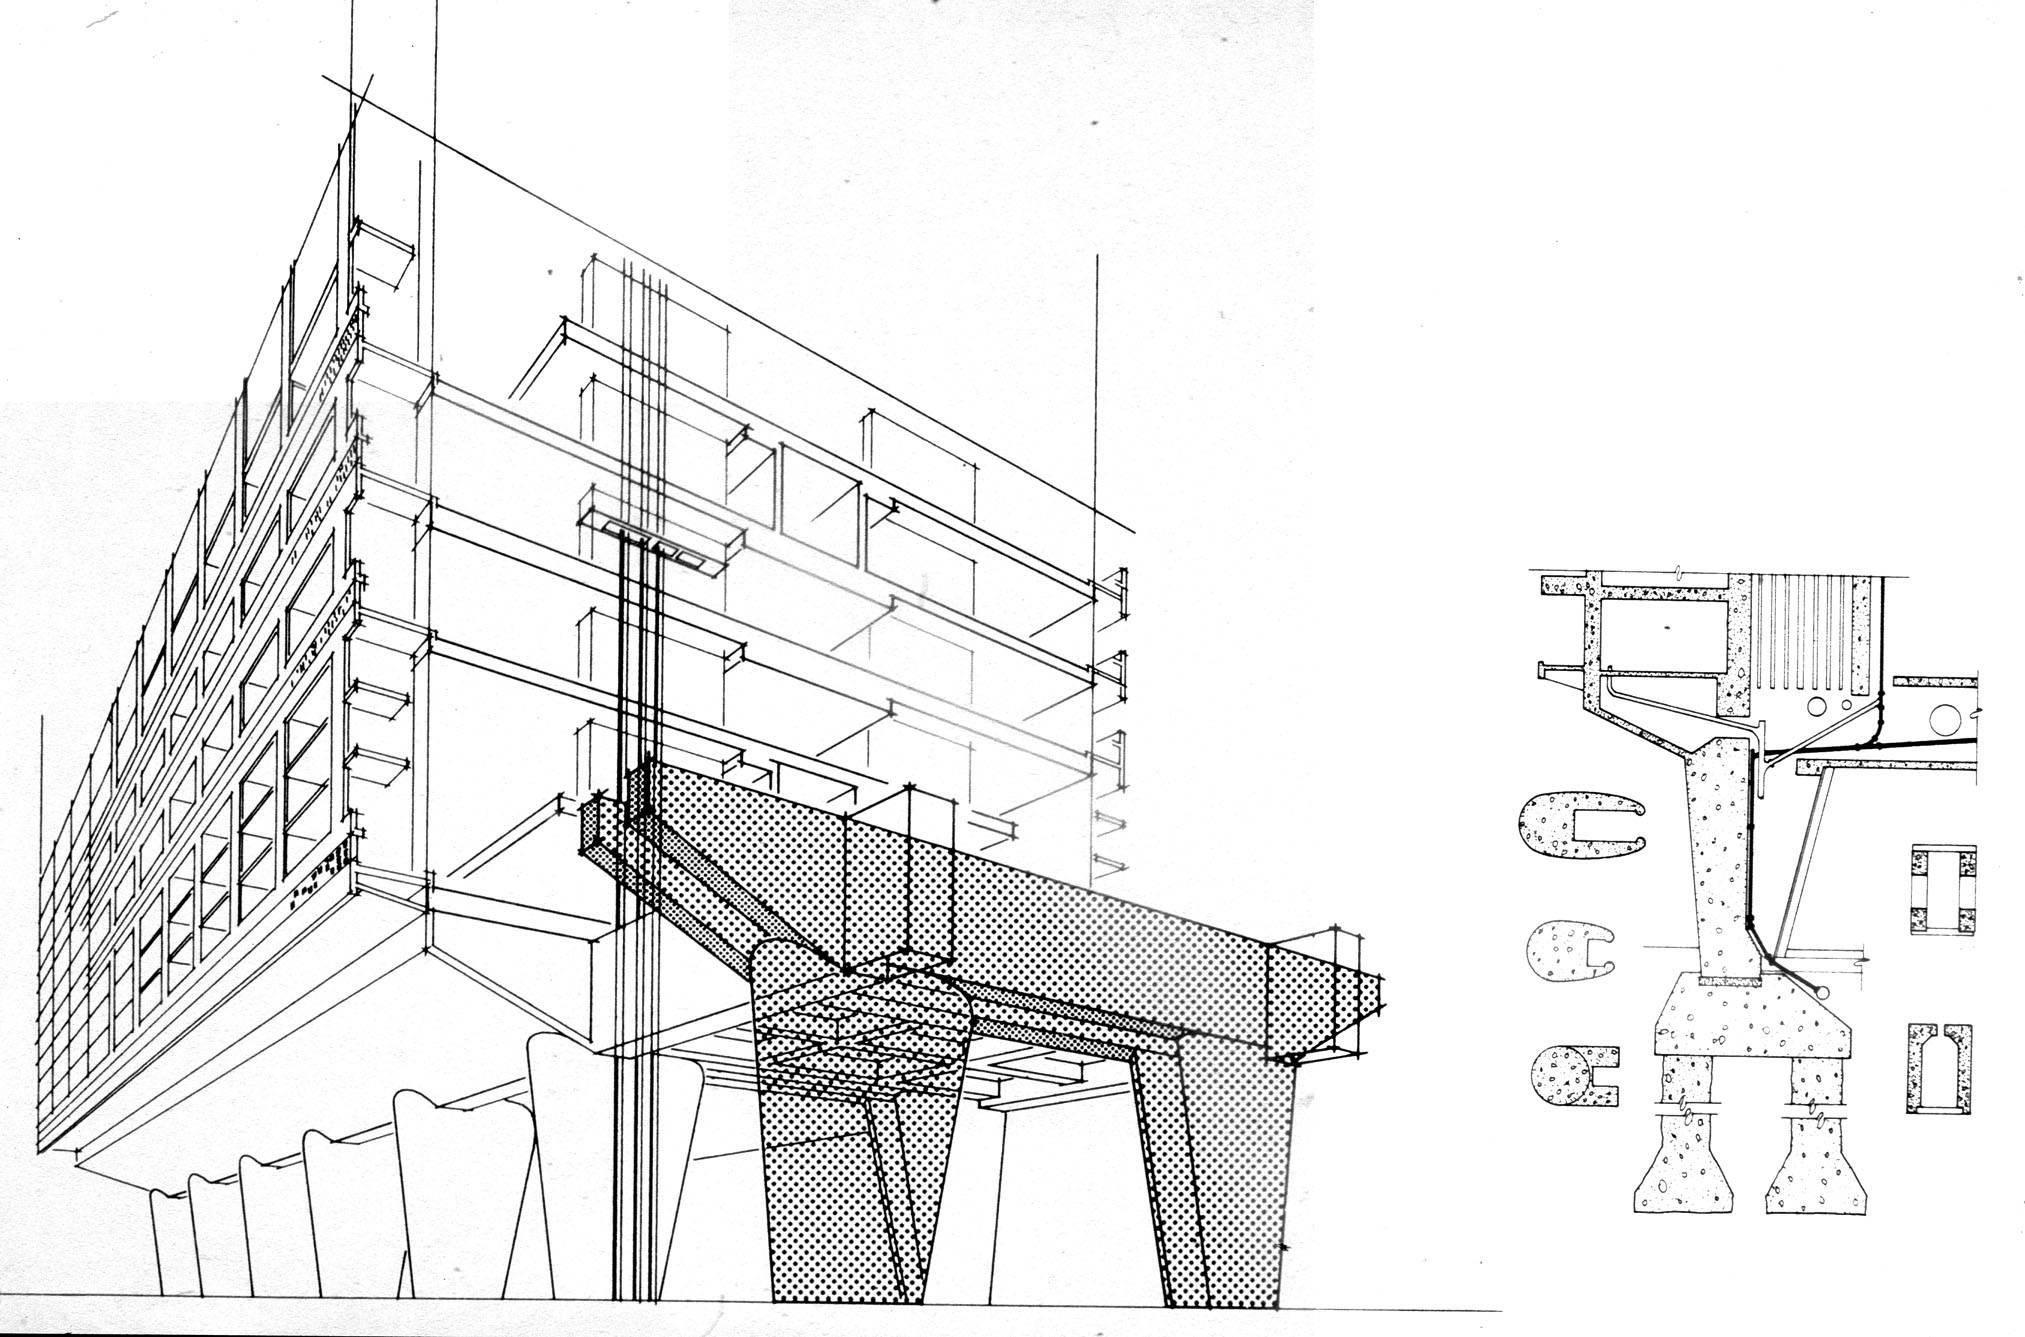 Le Corbusier Unite D Habitation le corbusier - l' unite d'habitation | le corbusier